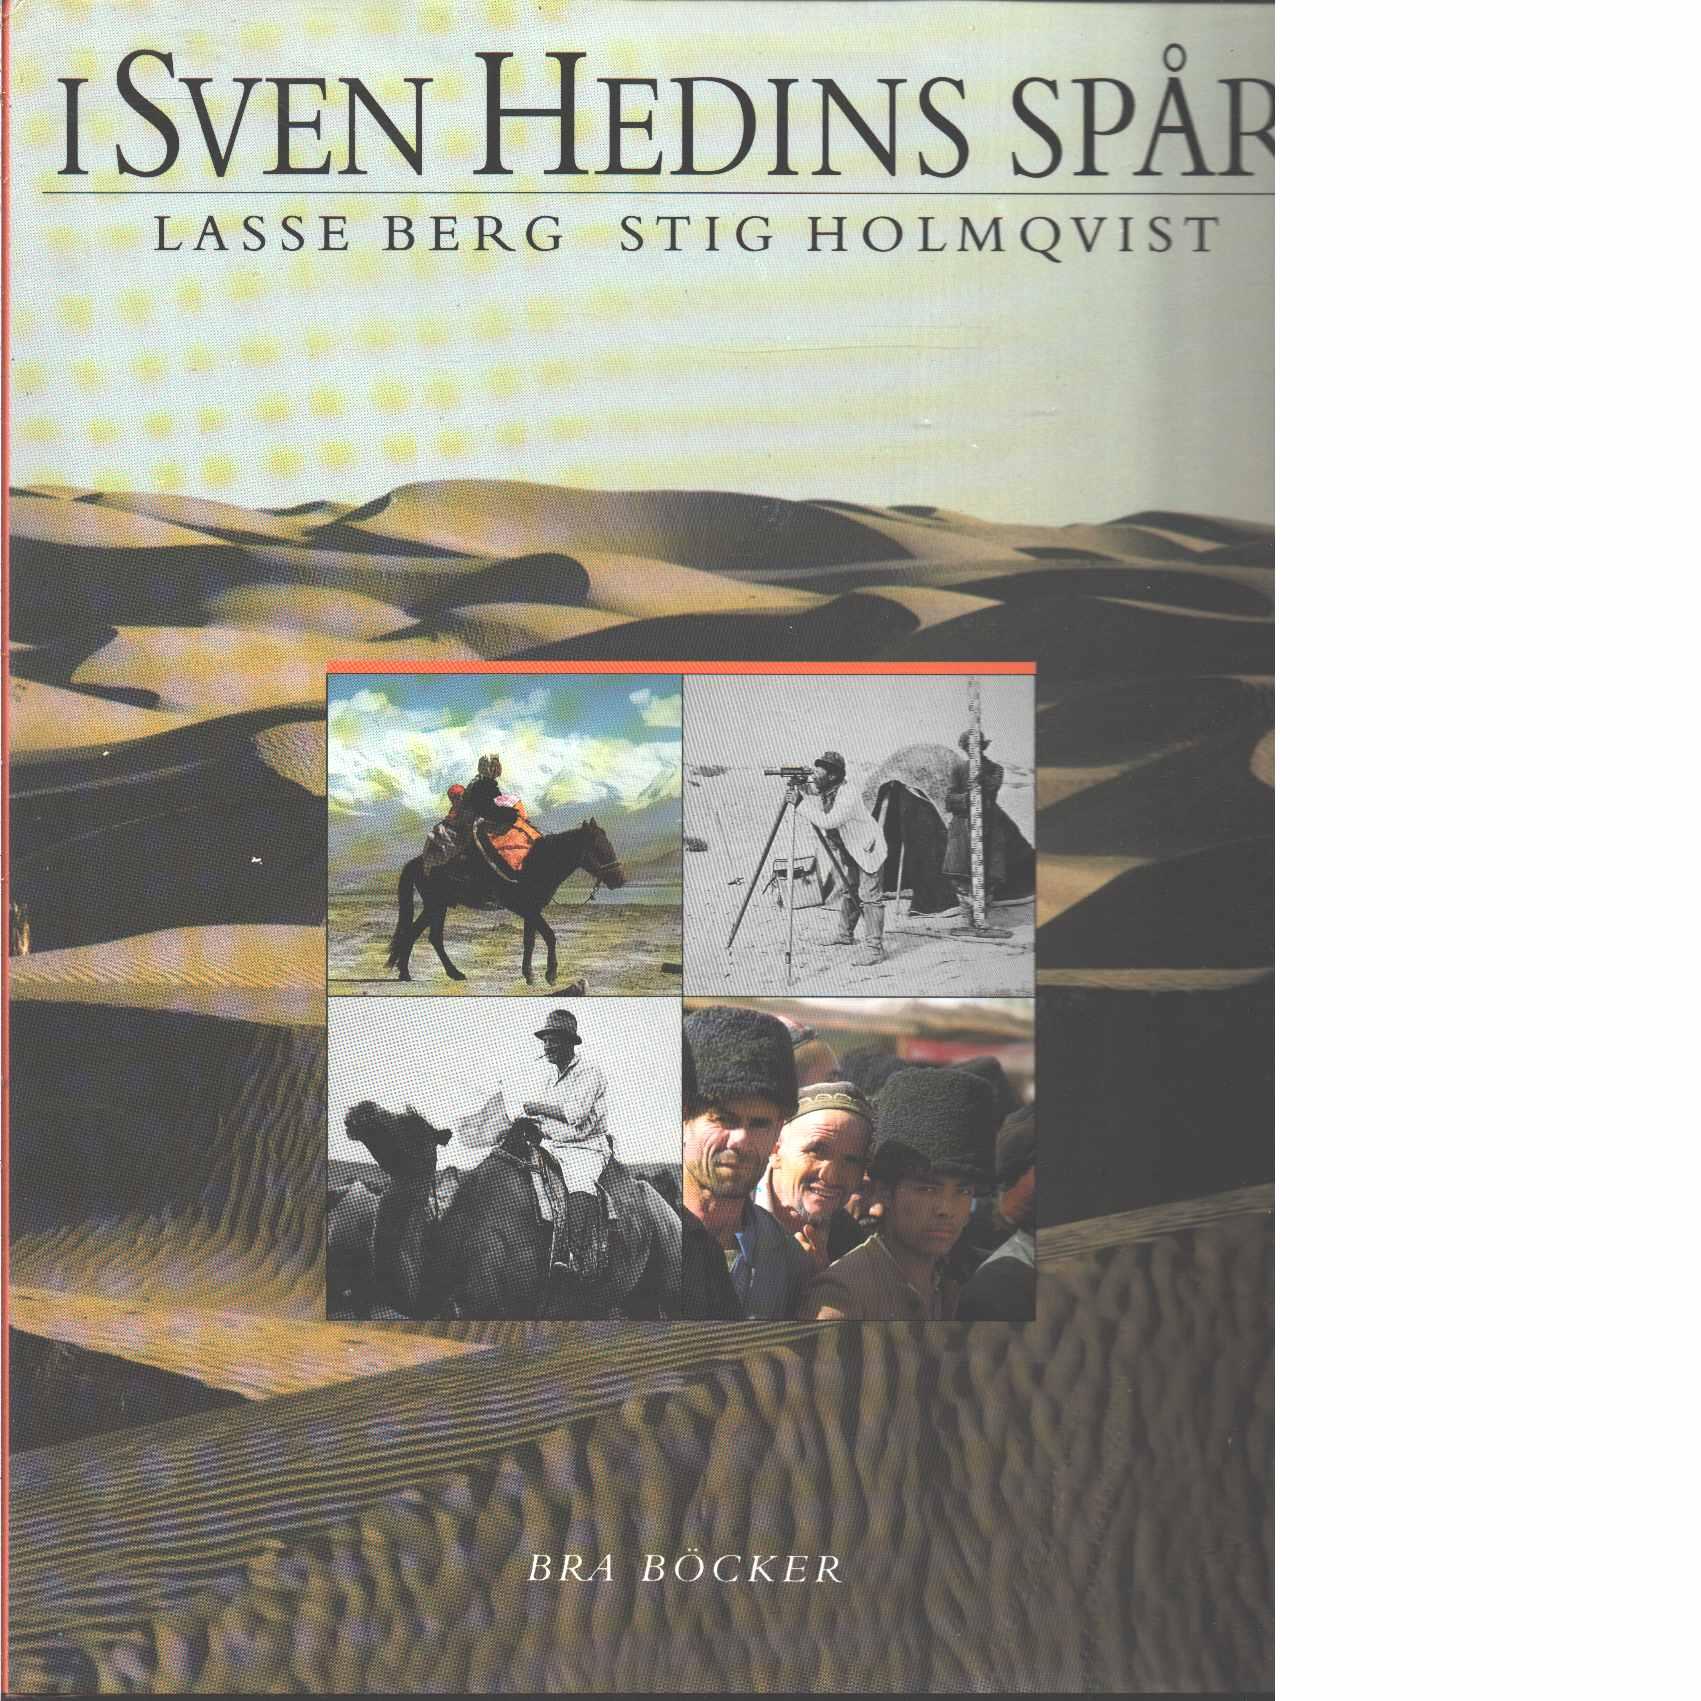 I Sven Hedins spår - Berg, Lasse och Holmqvist, Stig